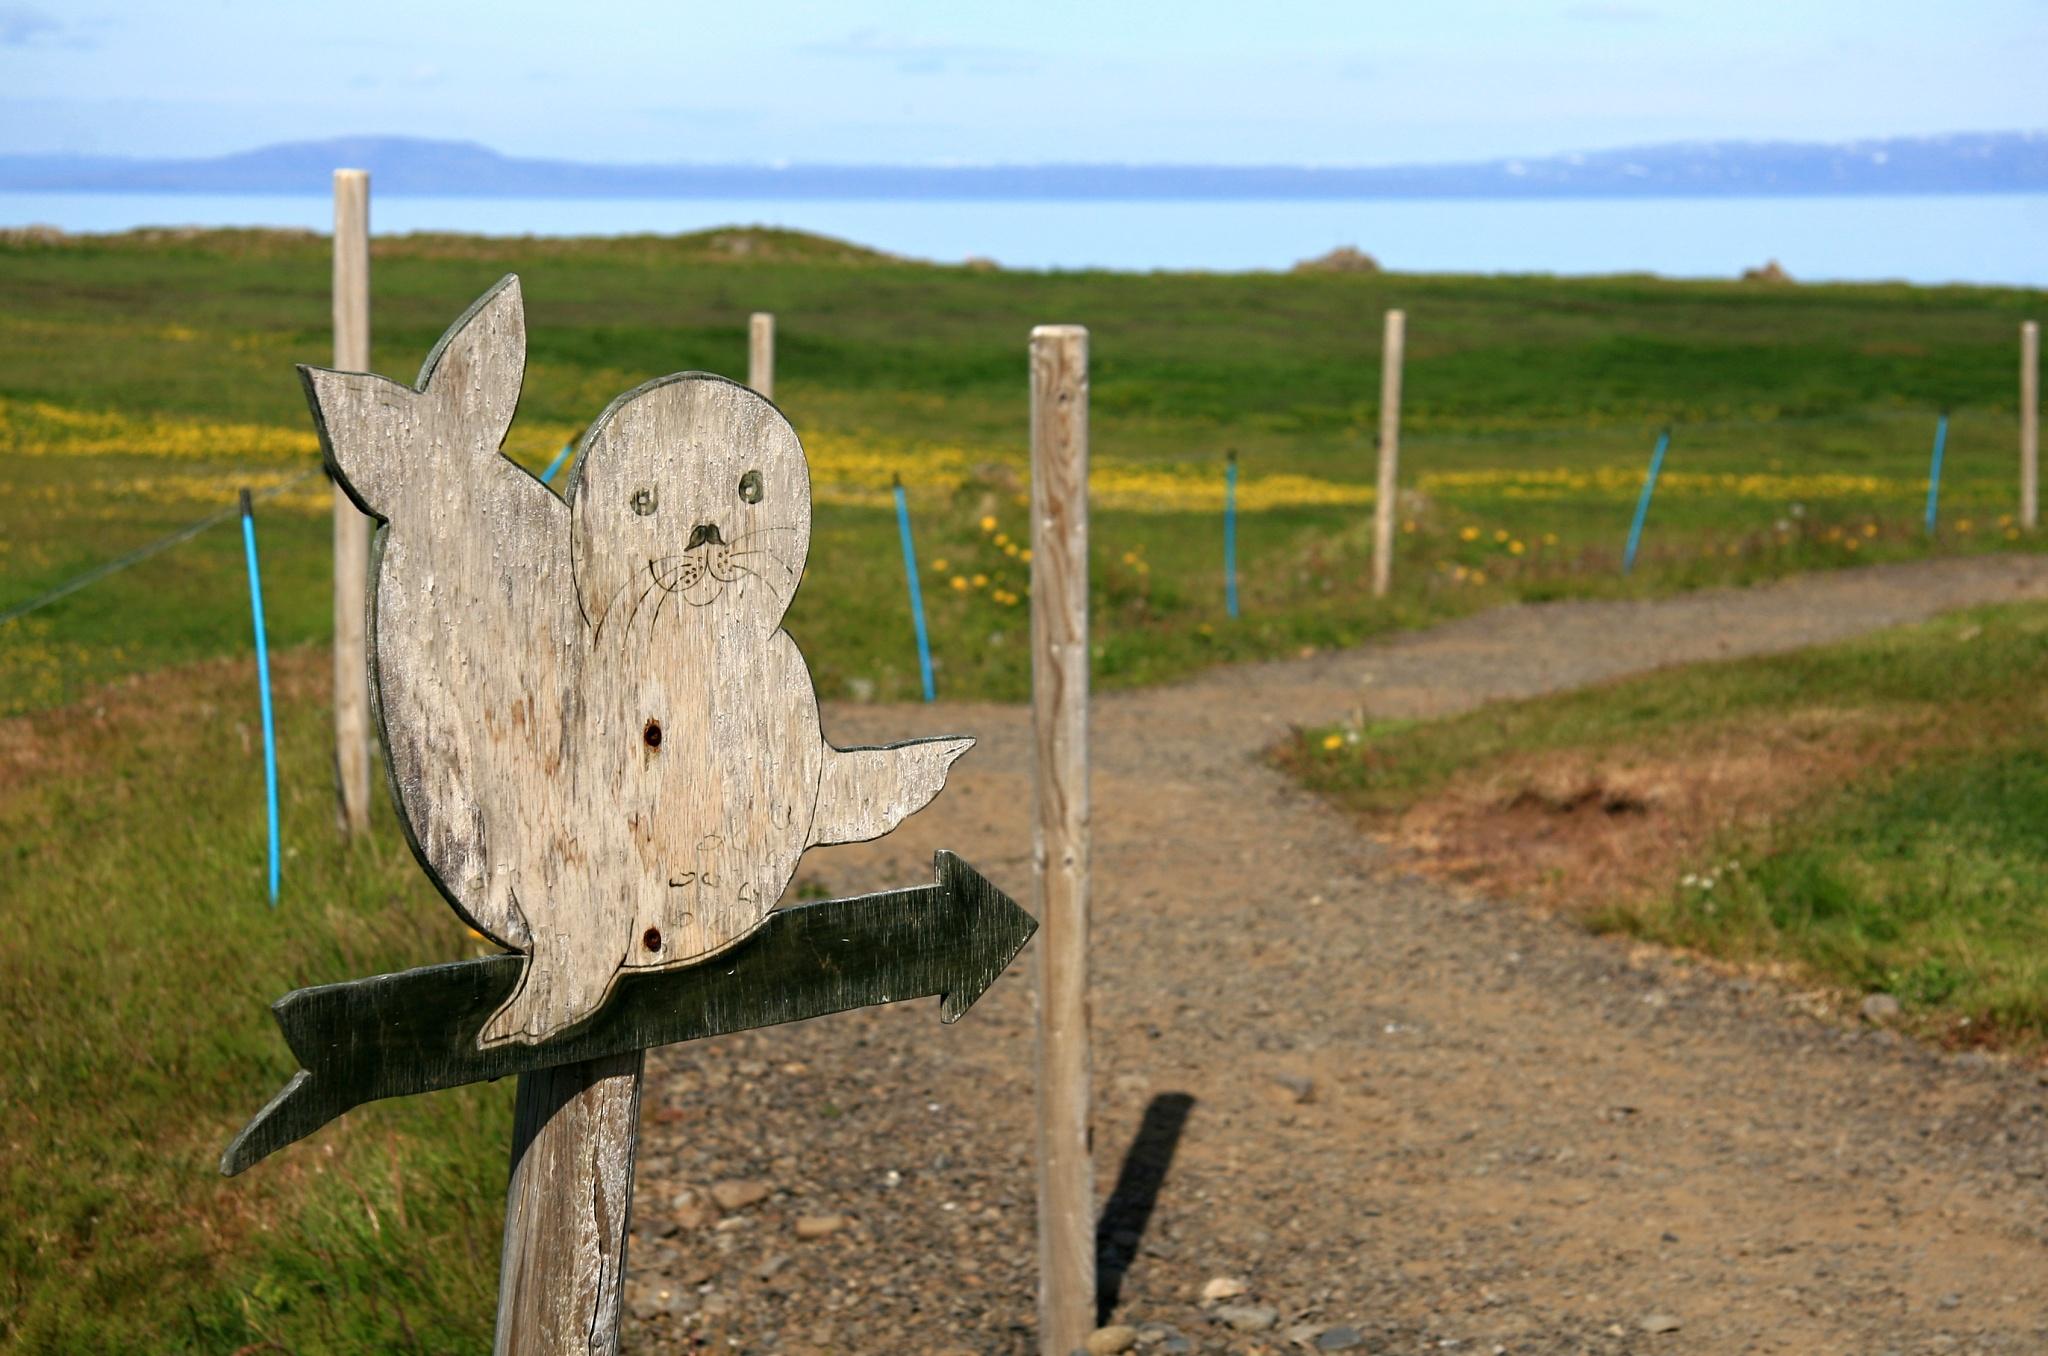 Ukazatel k pozorovatelně tuleňů blízko Hvammstangi na poloostrově Vatnsnes